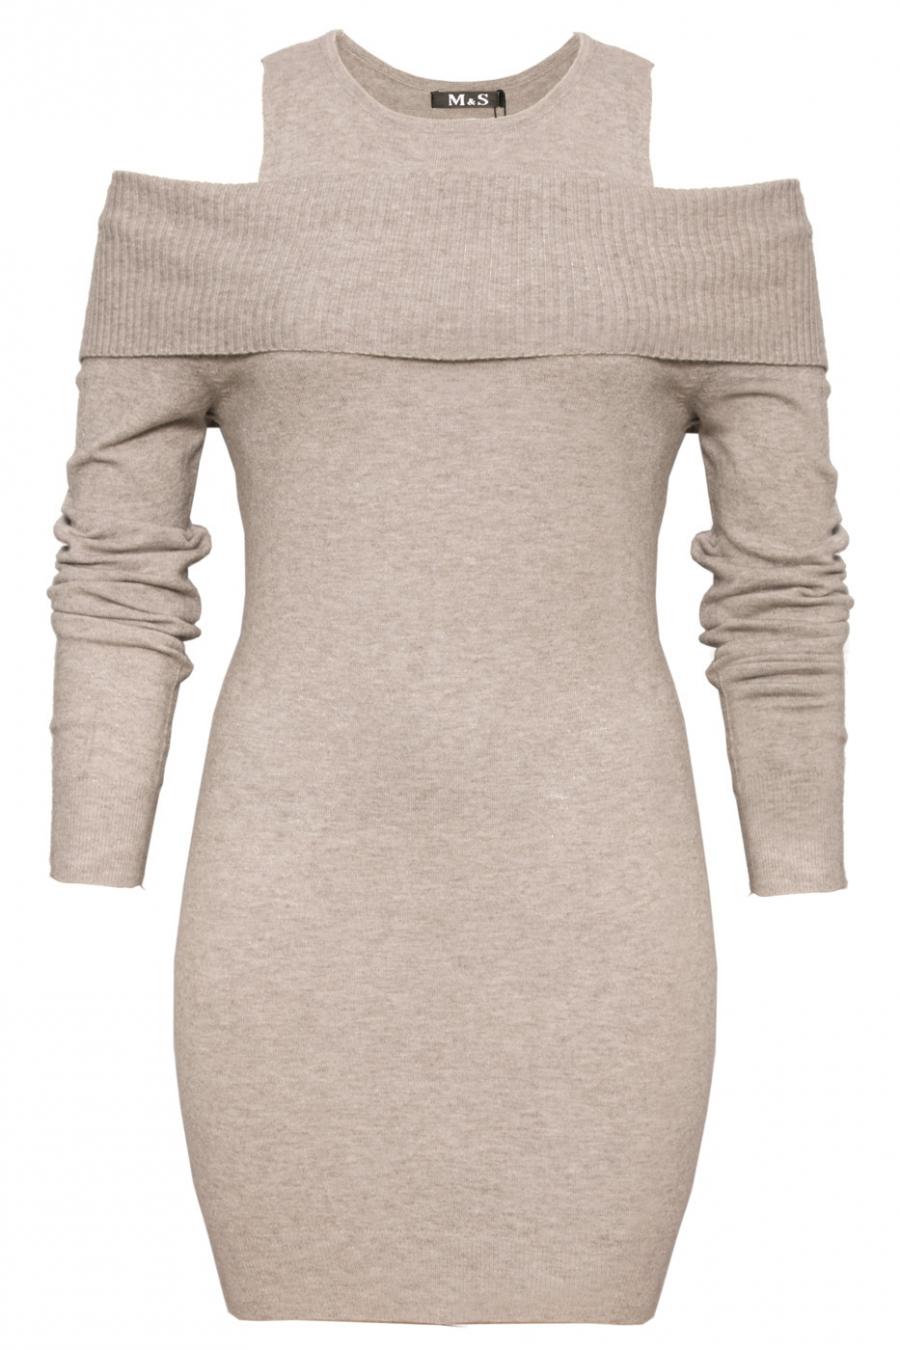 Mooie grijze open schouder tuniek. Trendy kleding 1969